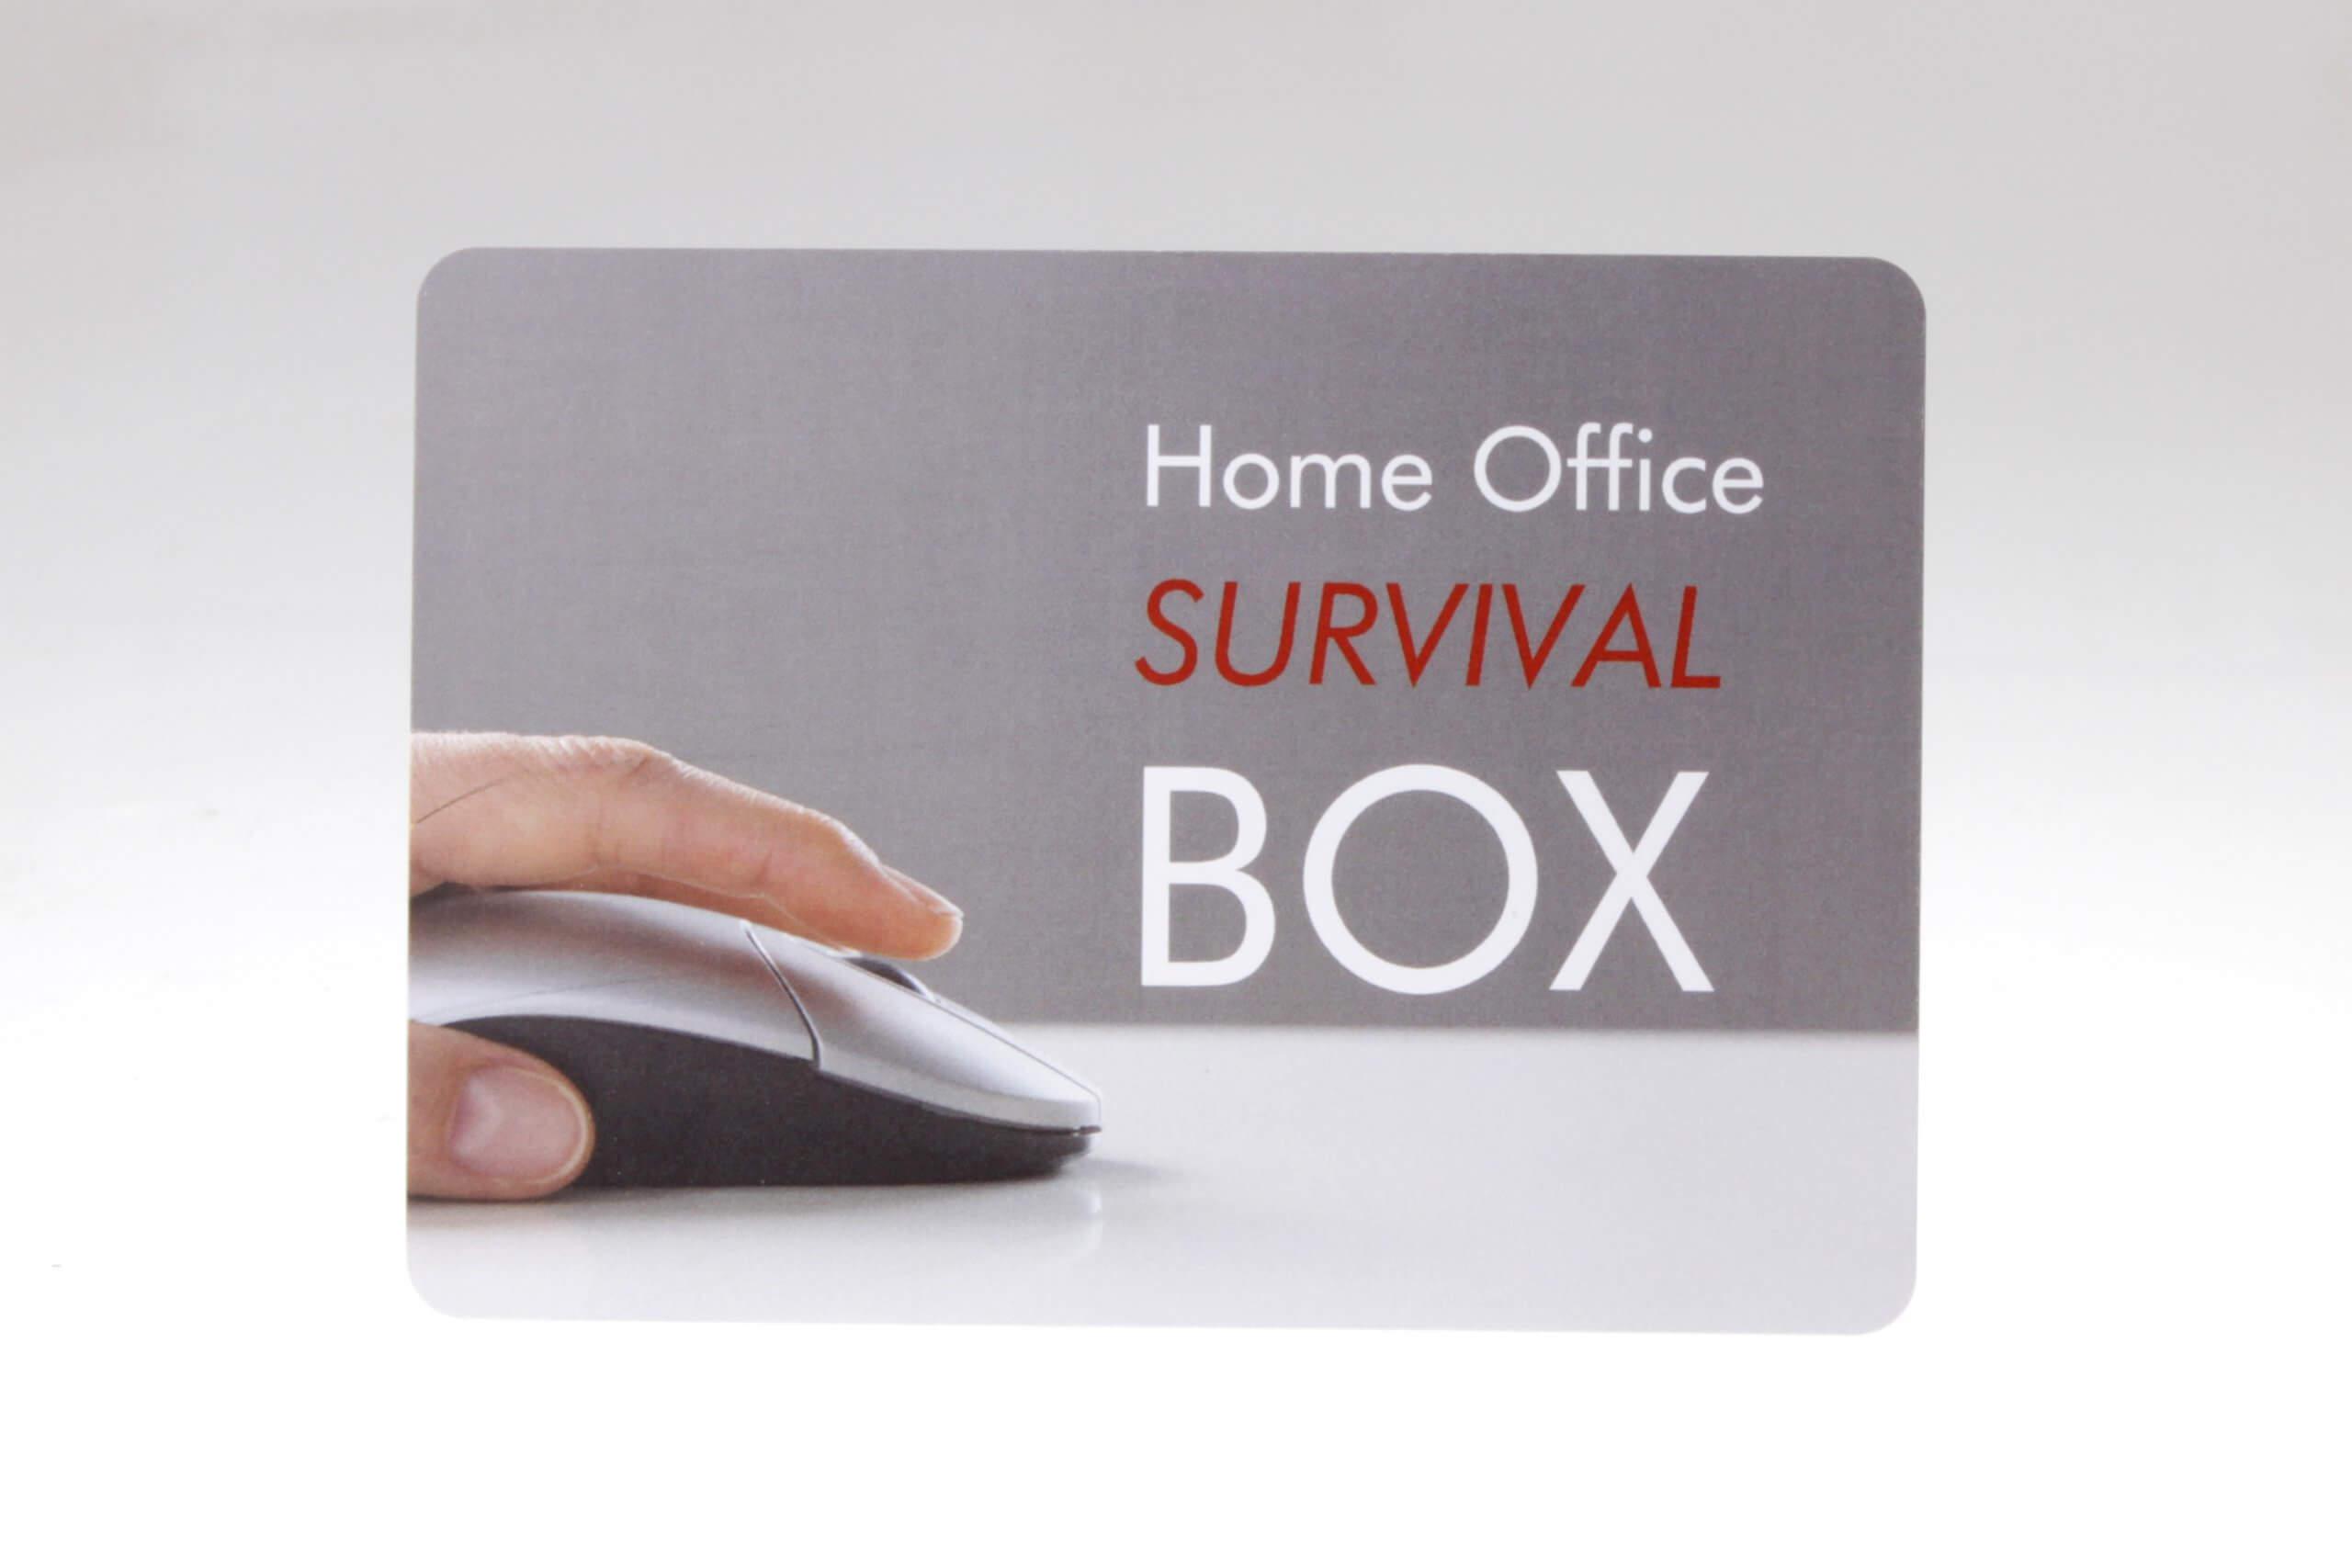 Home Office Survival Box Grusskarte von feinjemacht